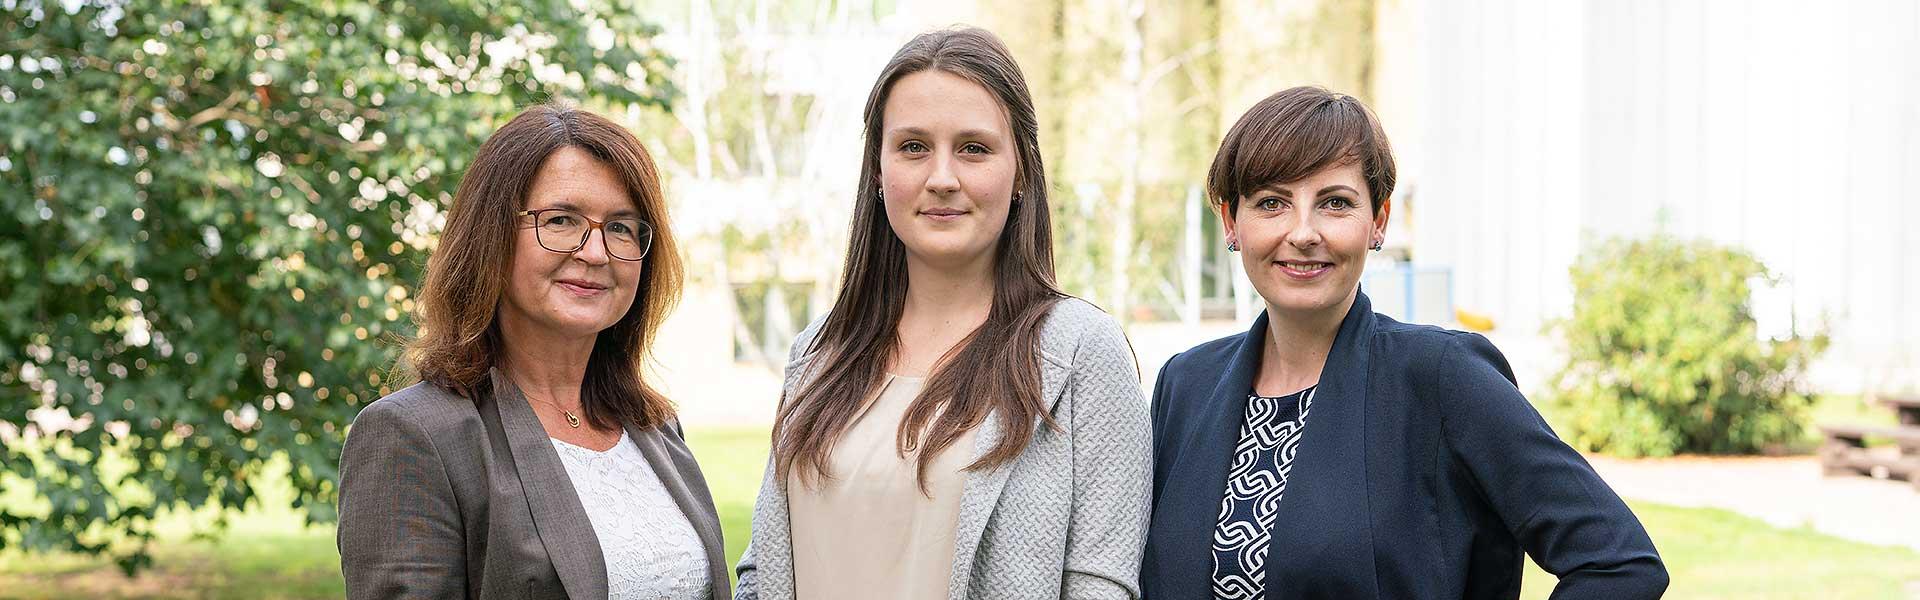 Ansprechpartner der Hagemann Dienste GmbH